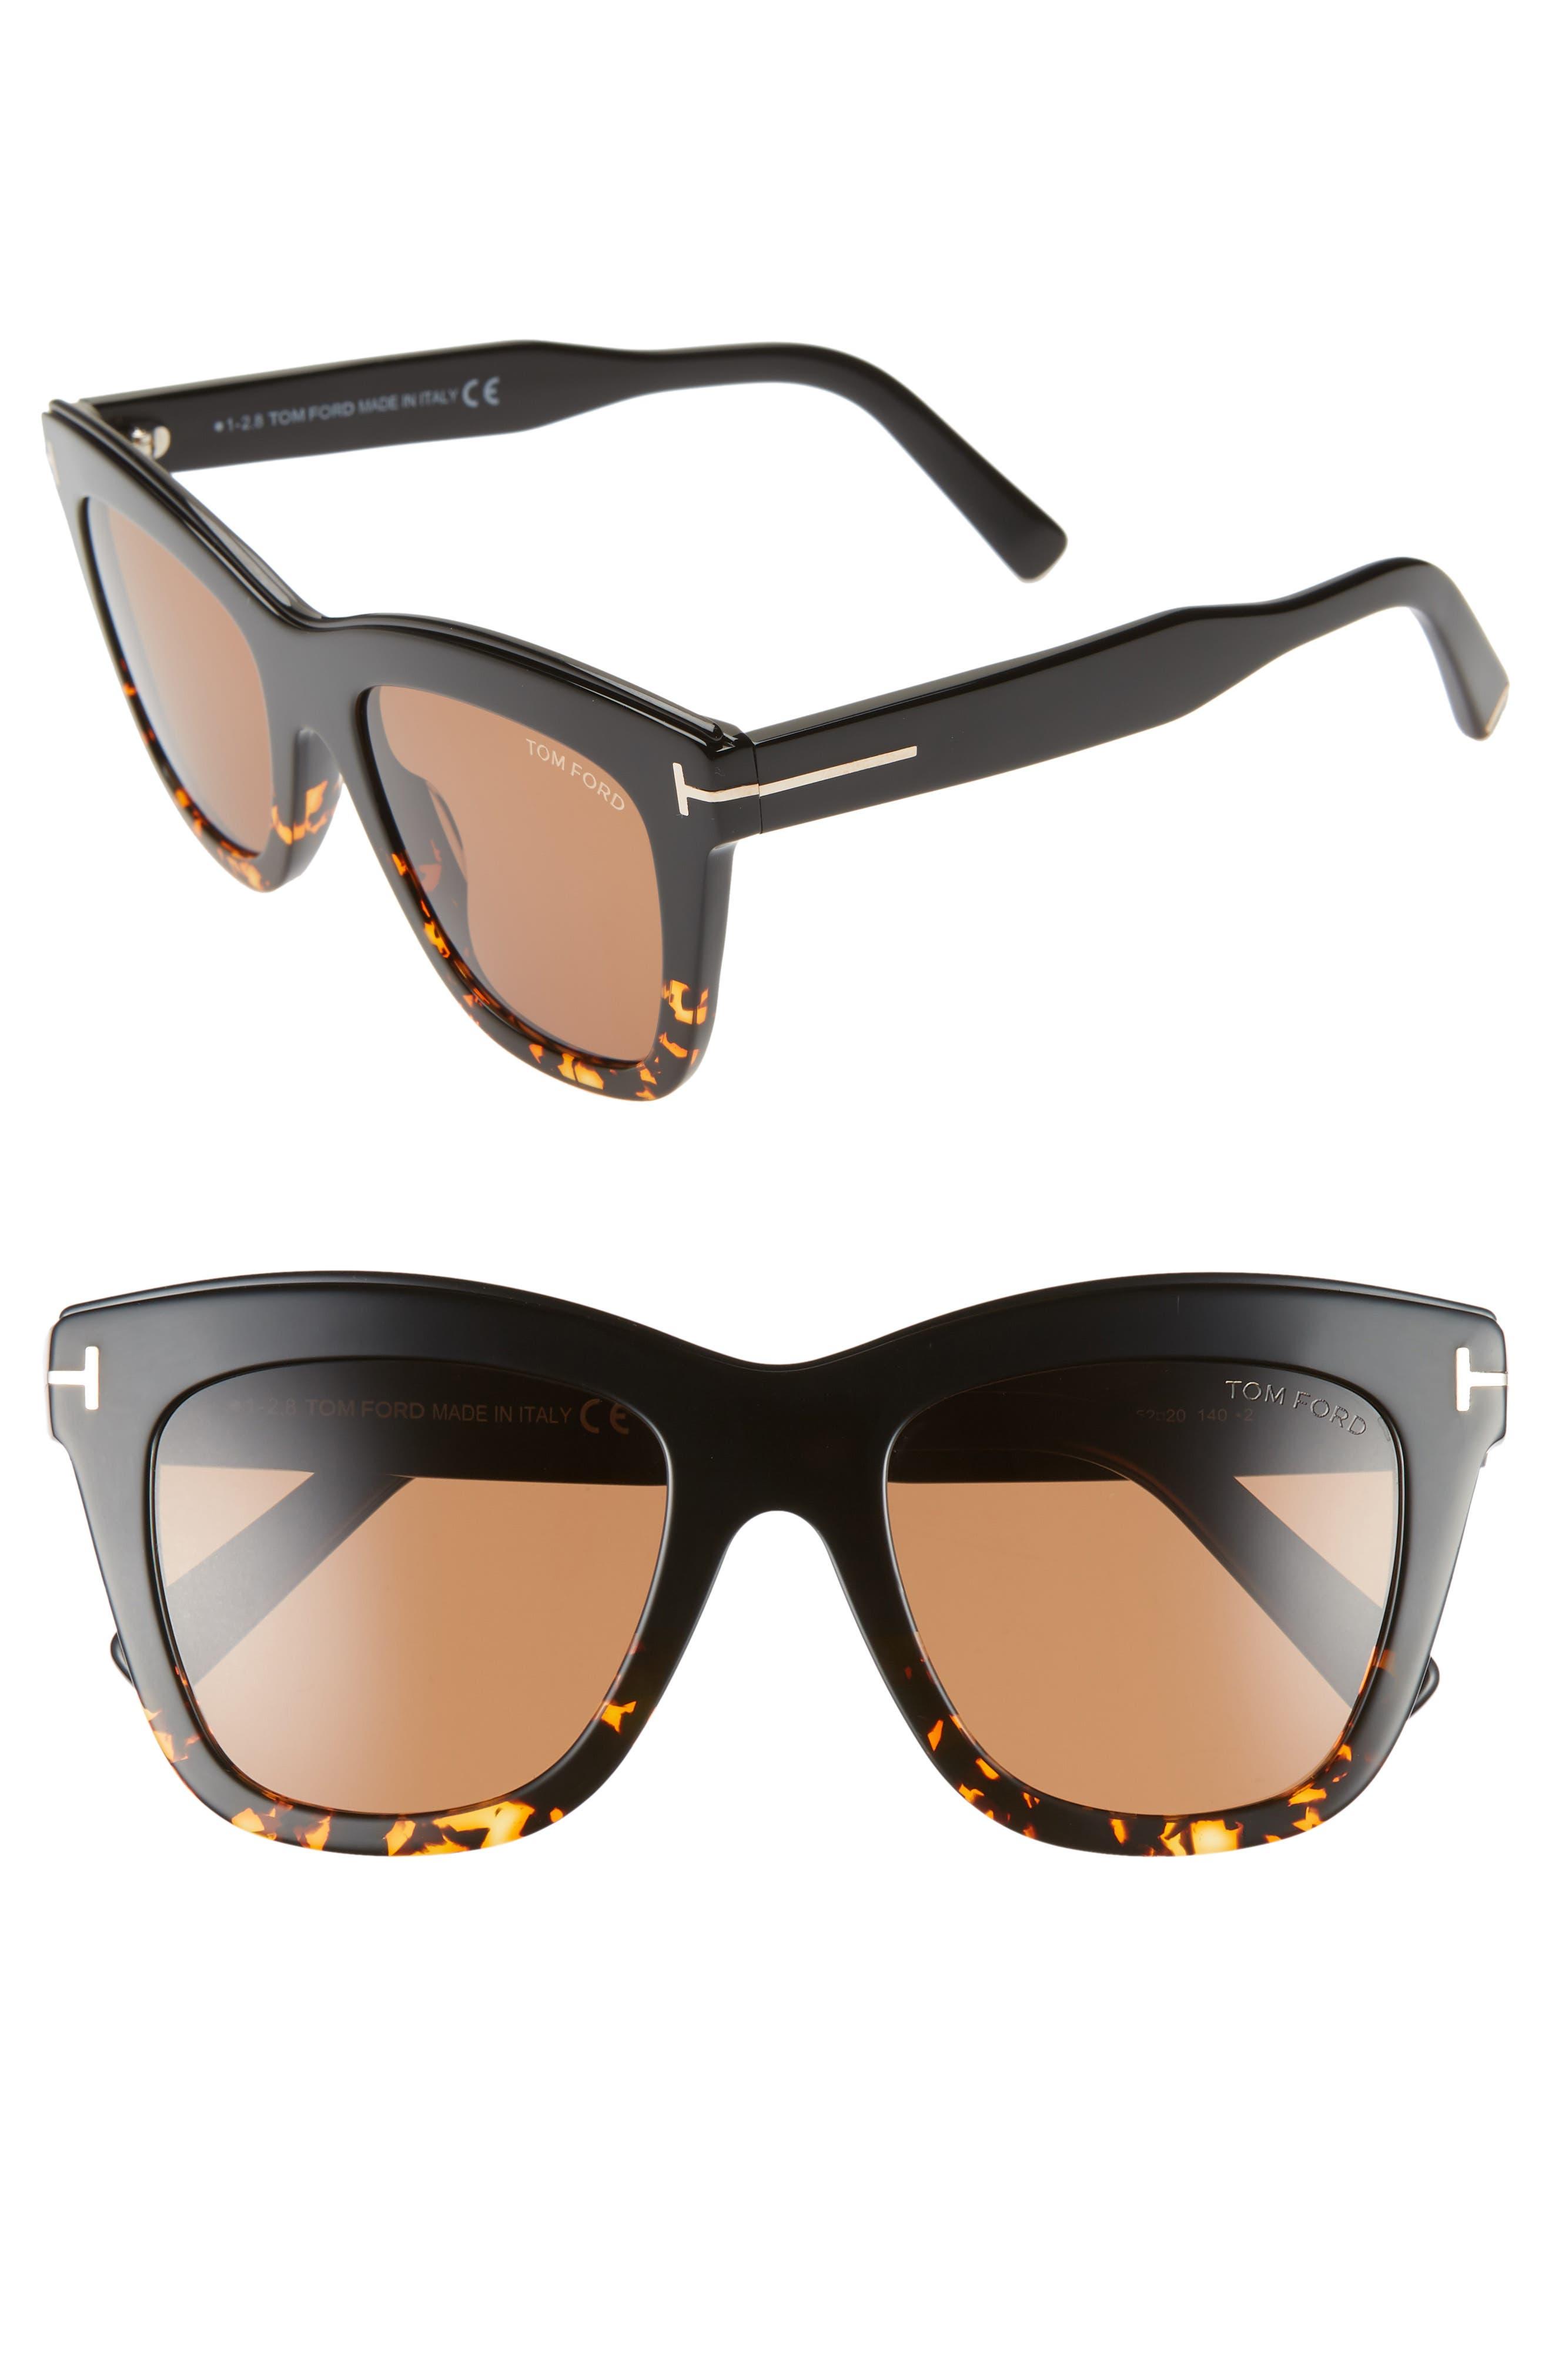 For Ford amp; Sunglasses Tom Men Women Nordstrom TUpOawq